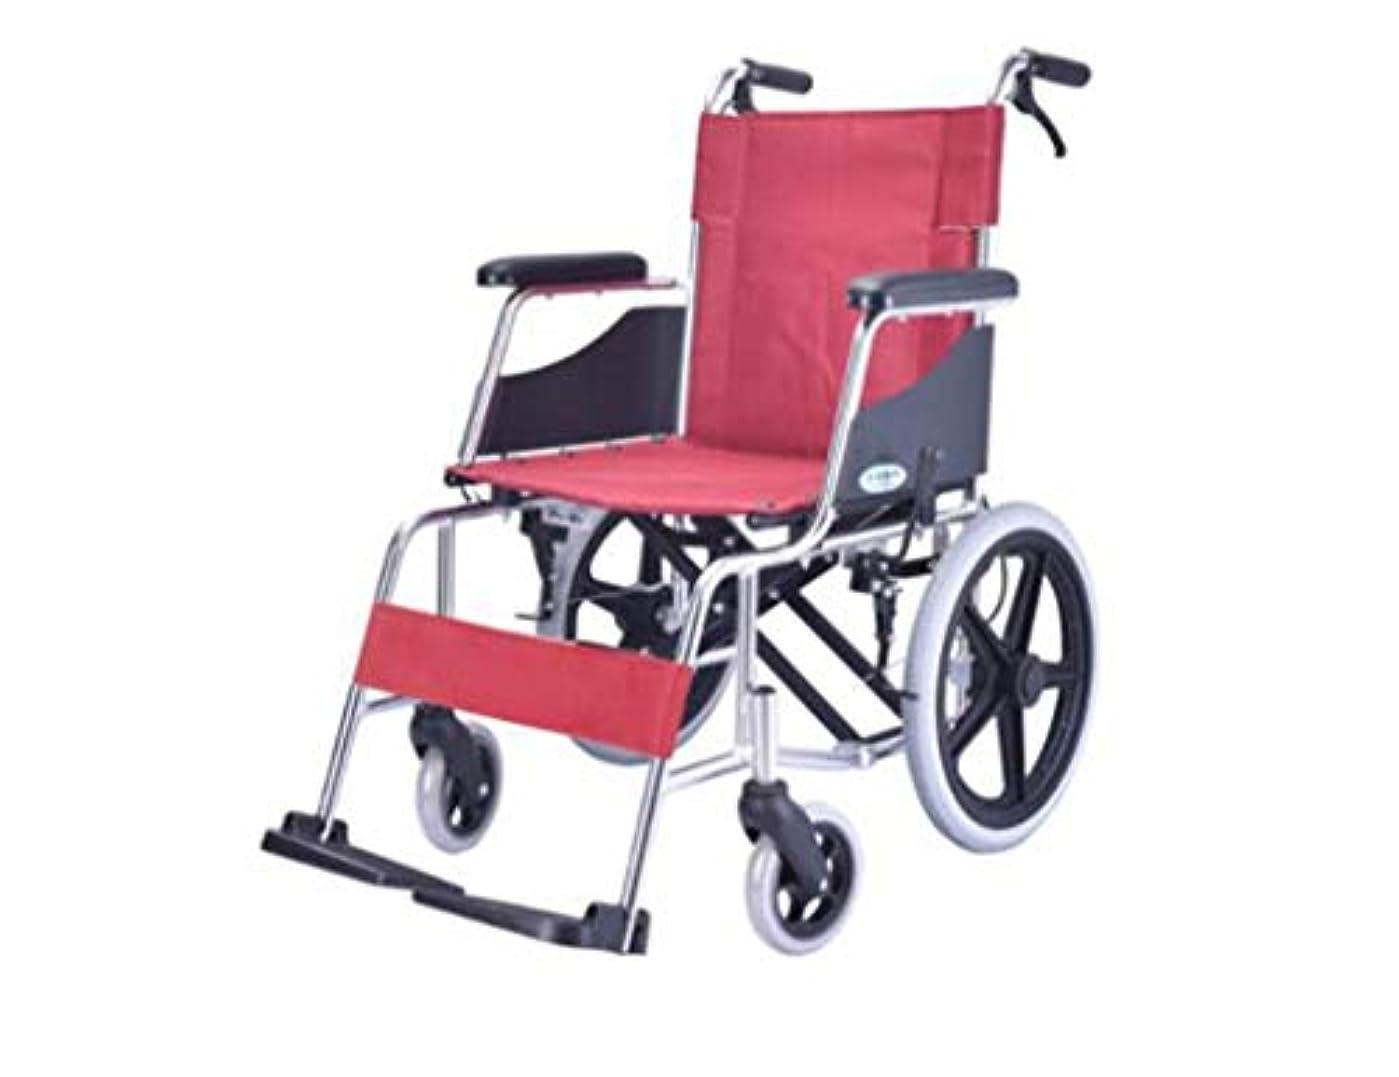 昆虫を見る忘れられないオーディション車椅子折りたたみ式、高齢者用車椅子用手動航空チタン合金、背もたれ収納バッグのデザイン、200 kgのベアリング